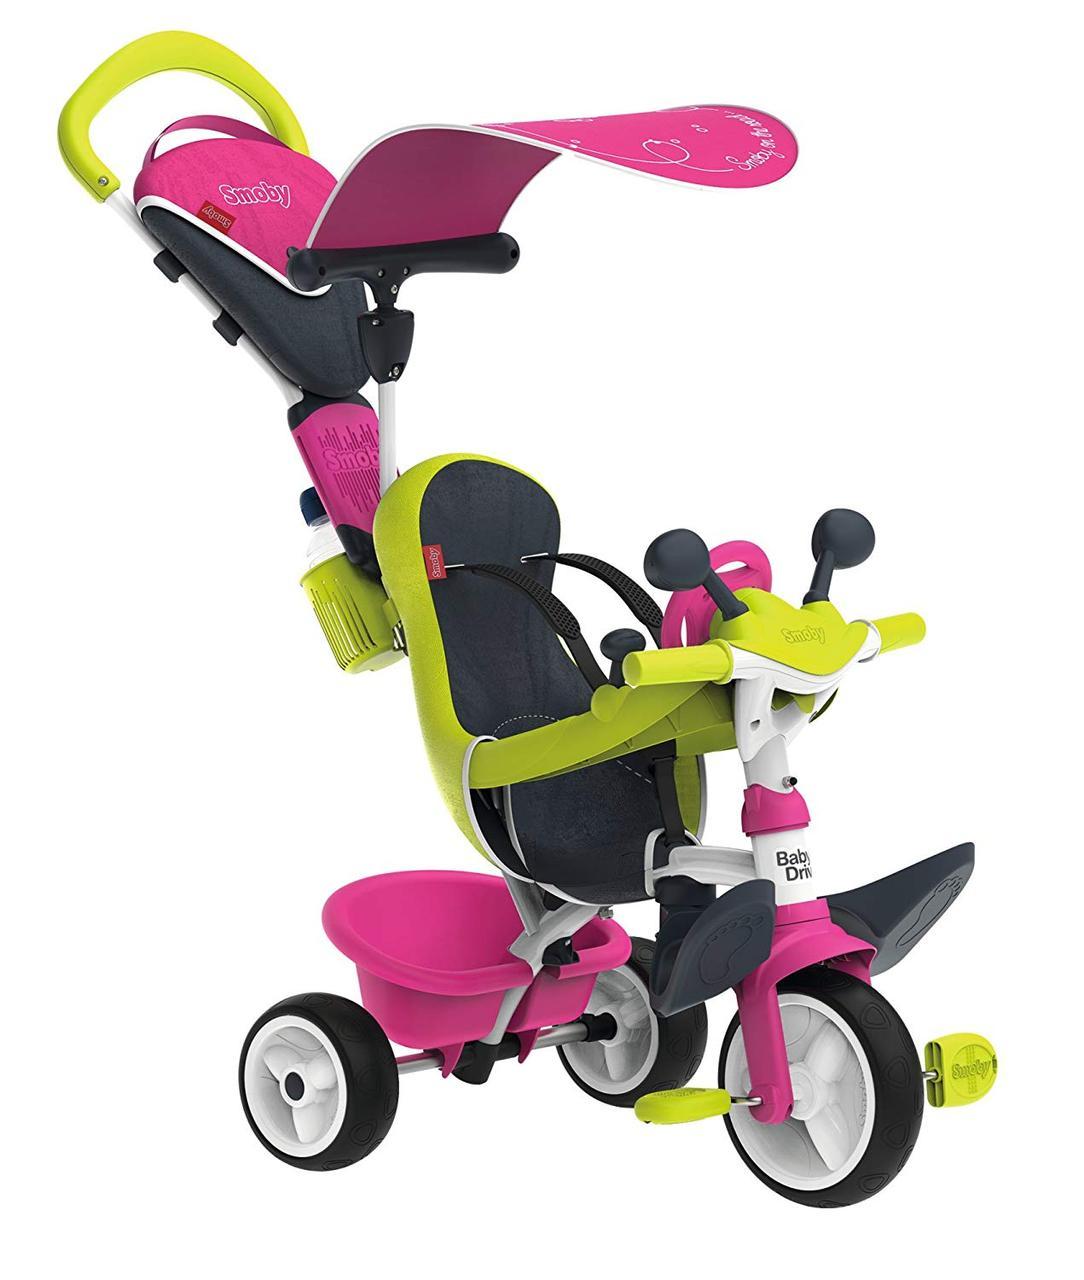 Велосипед детский Беби Драйвер металлический с козырьком багажником розово-зеленый Baby Driver Smoby